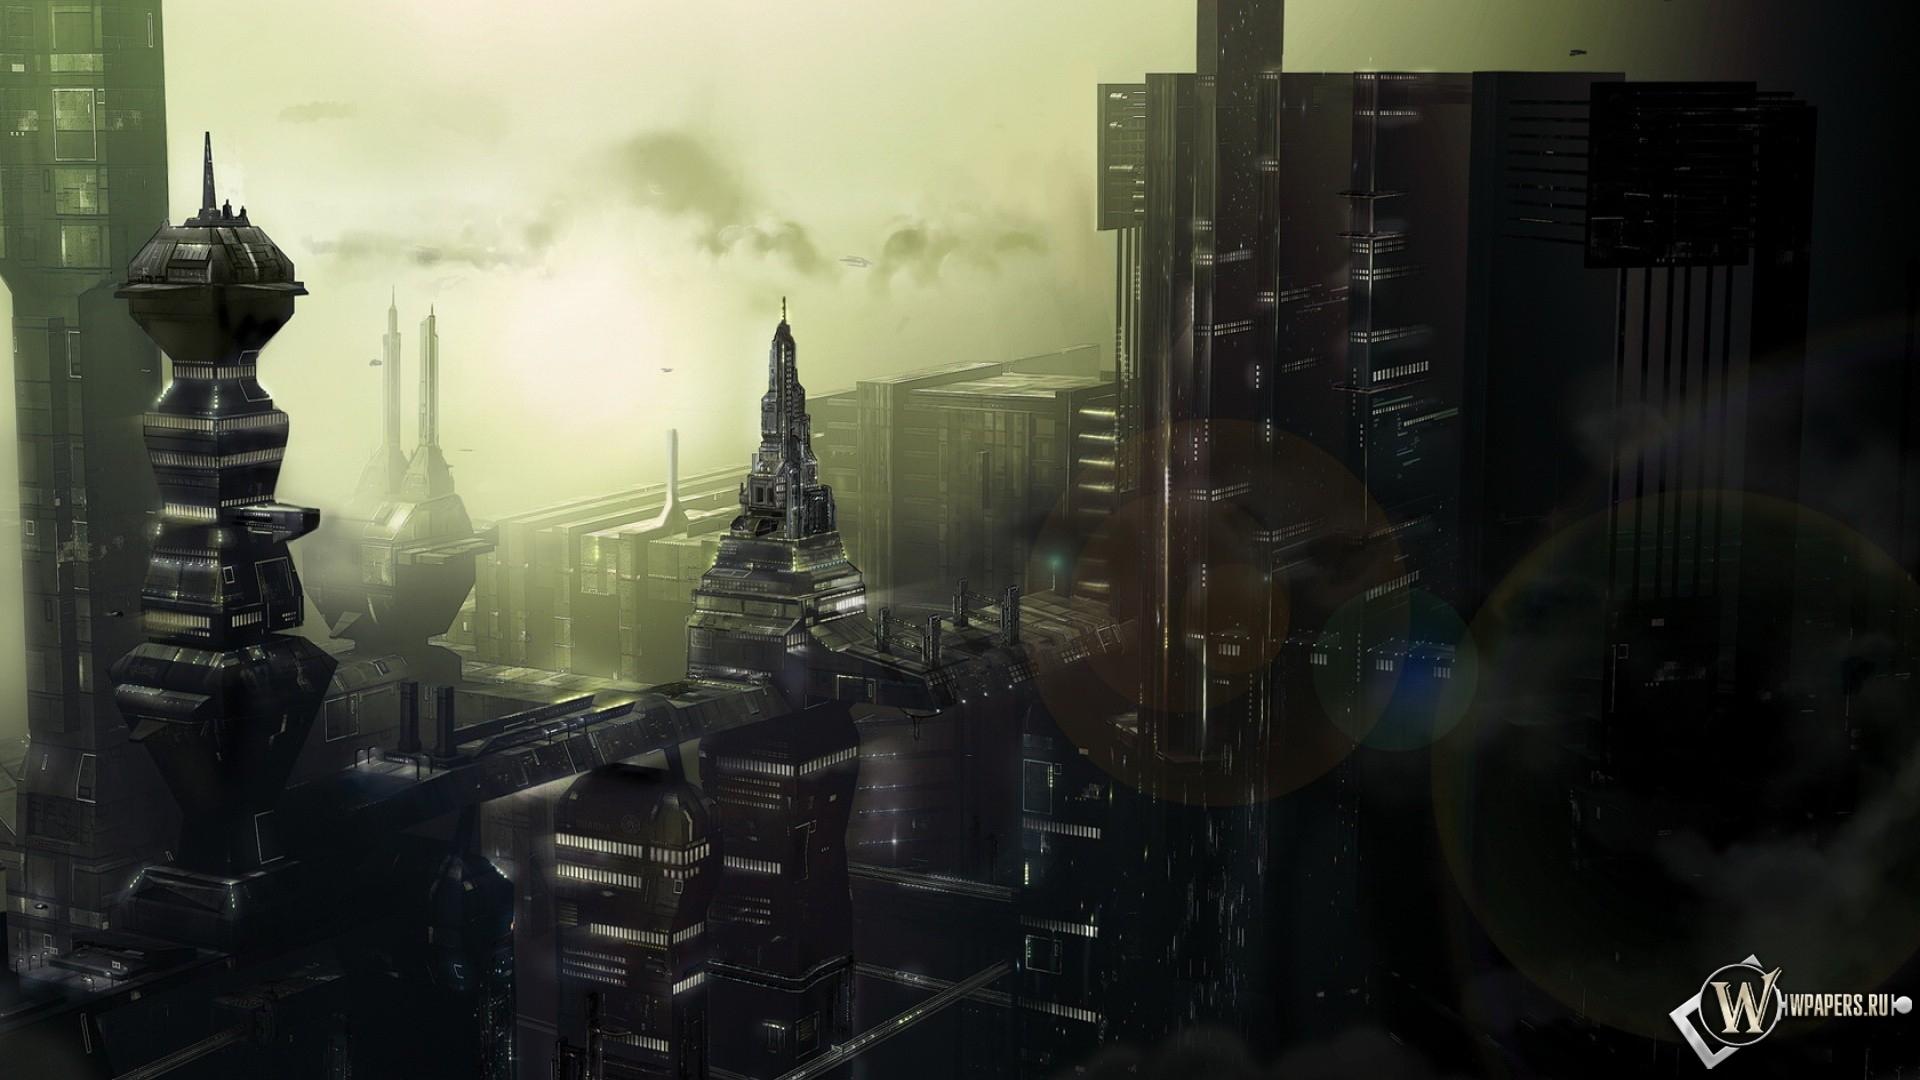 Город будущего 1920x1080